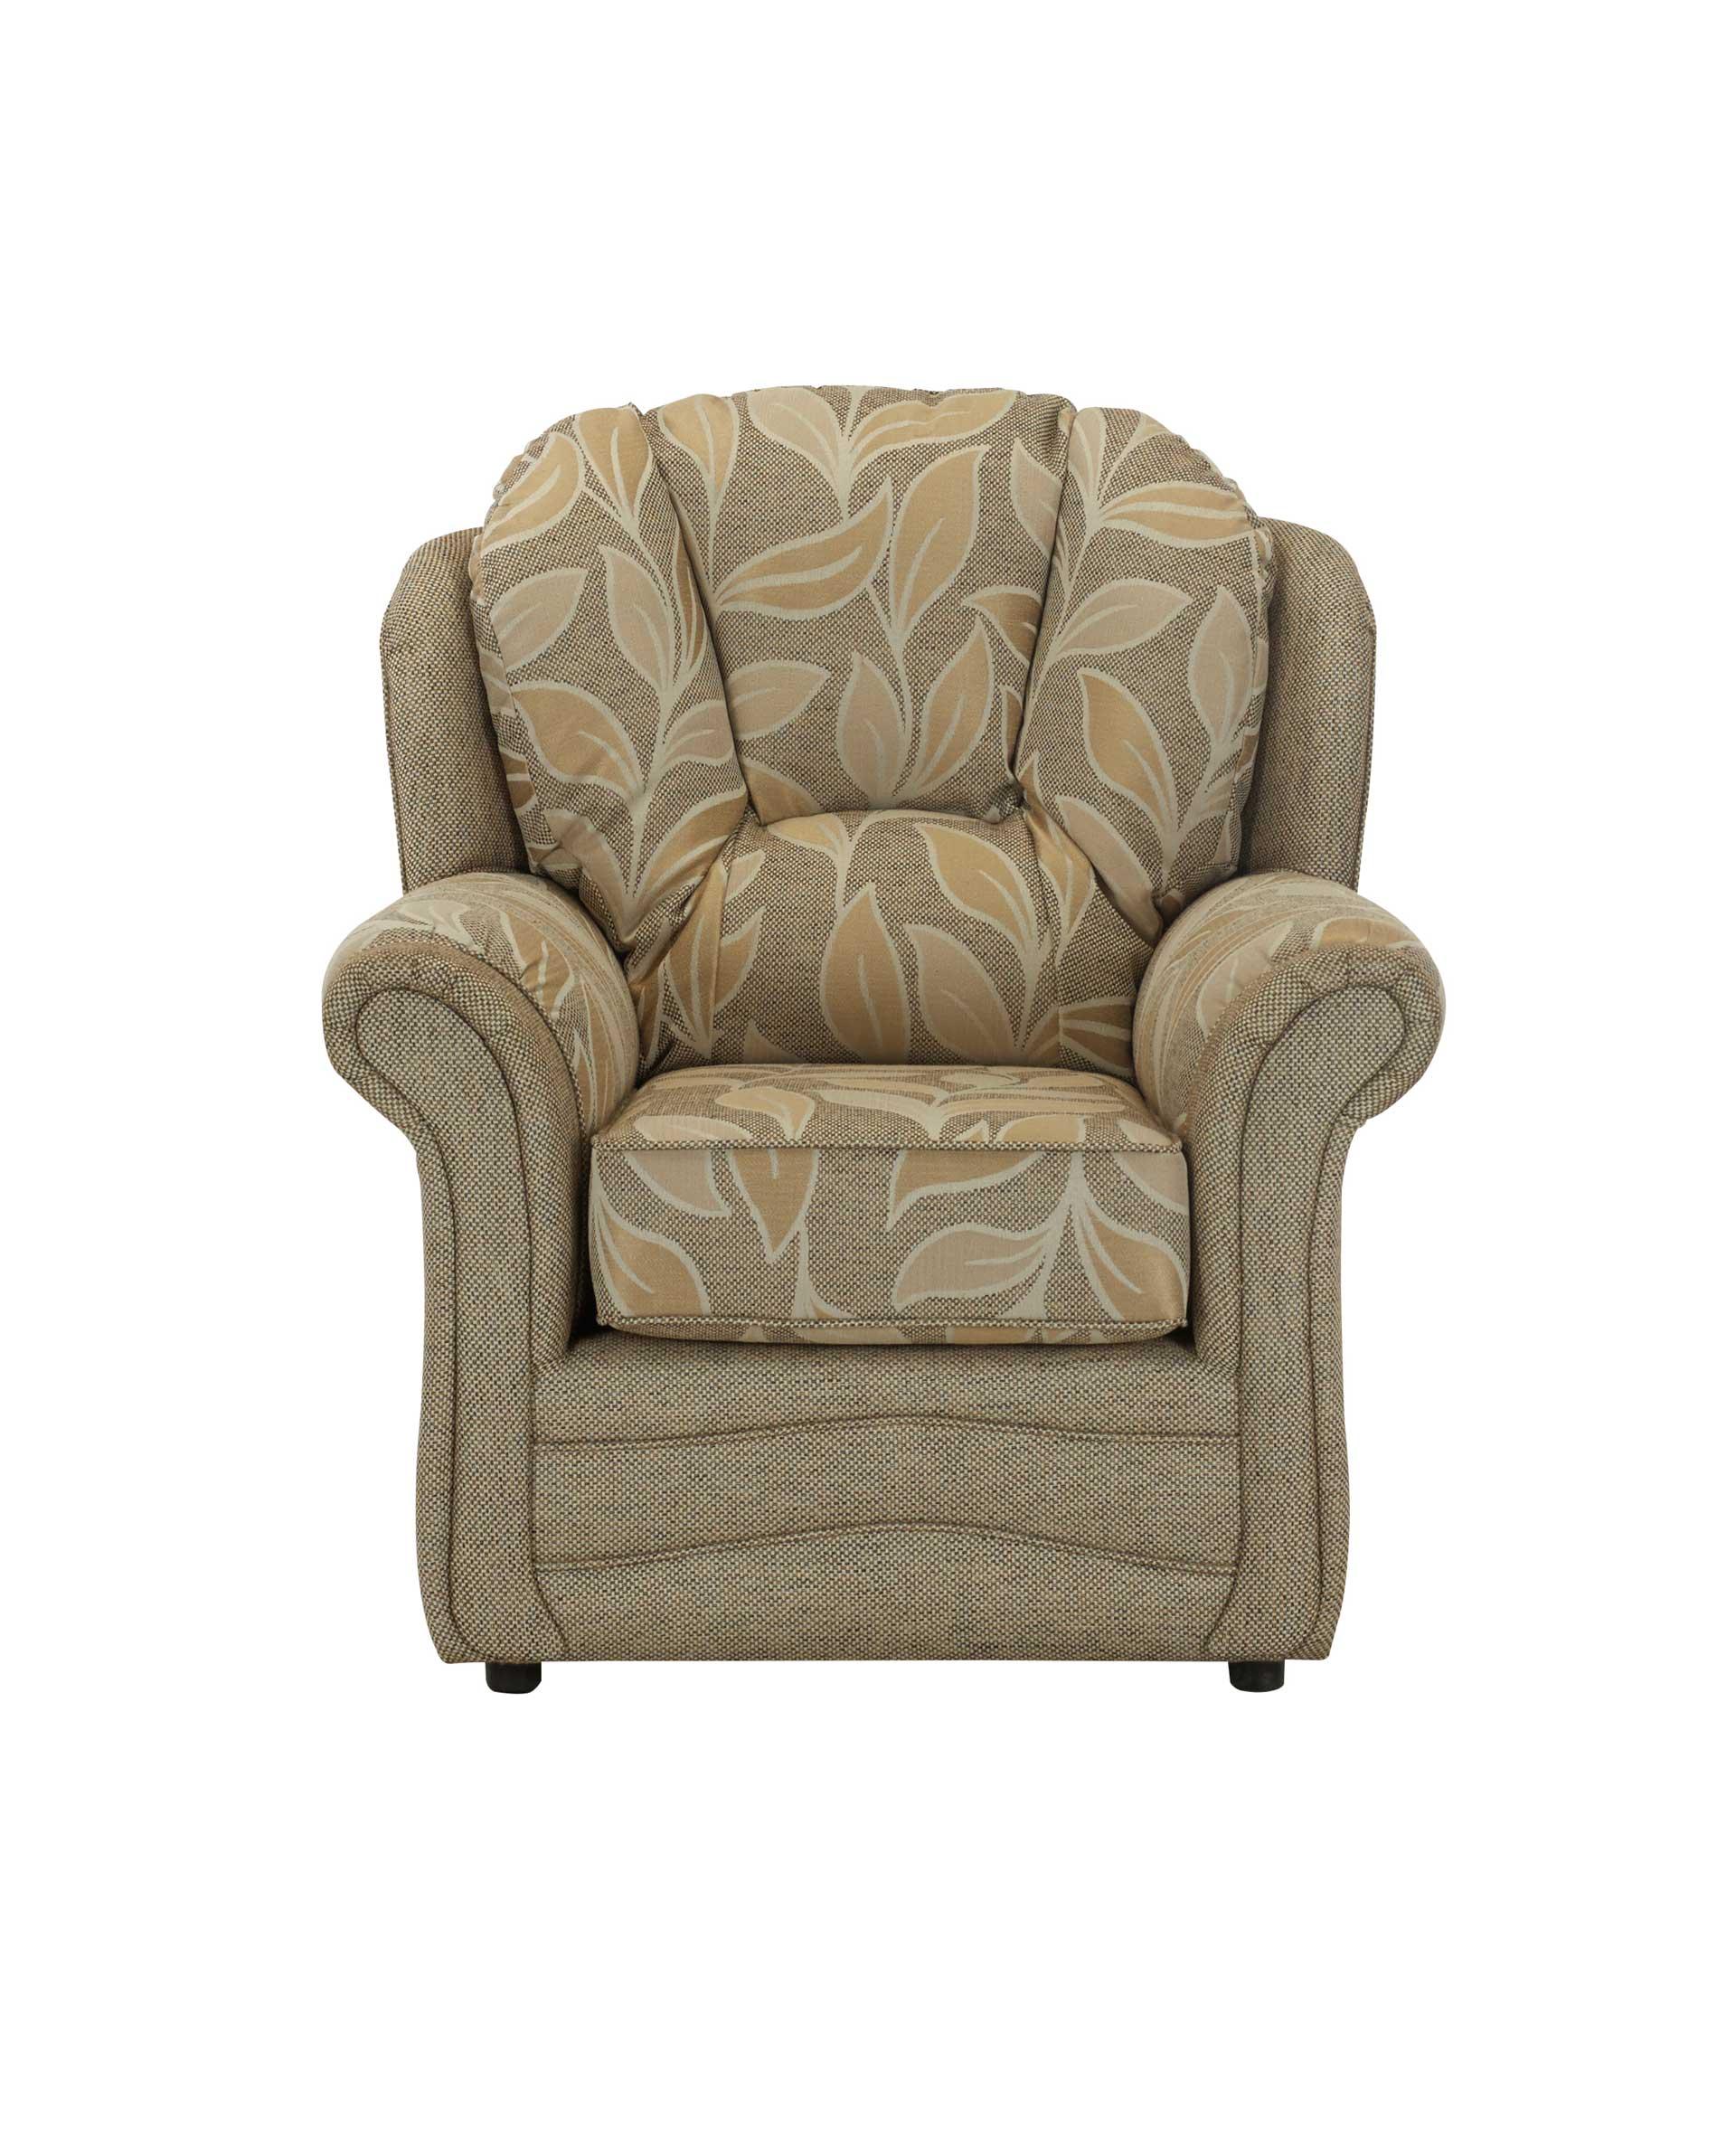 Lottie Arm Chair